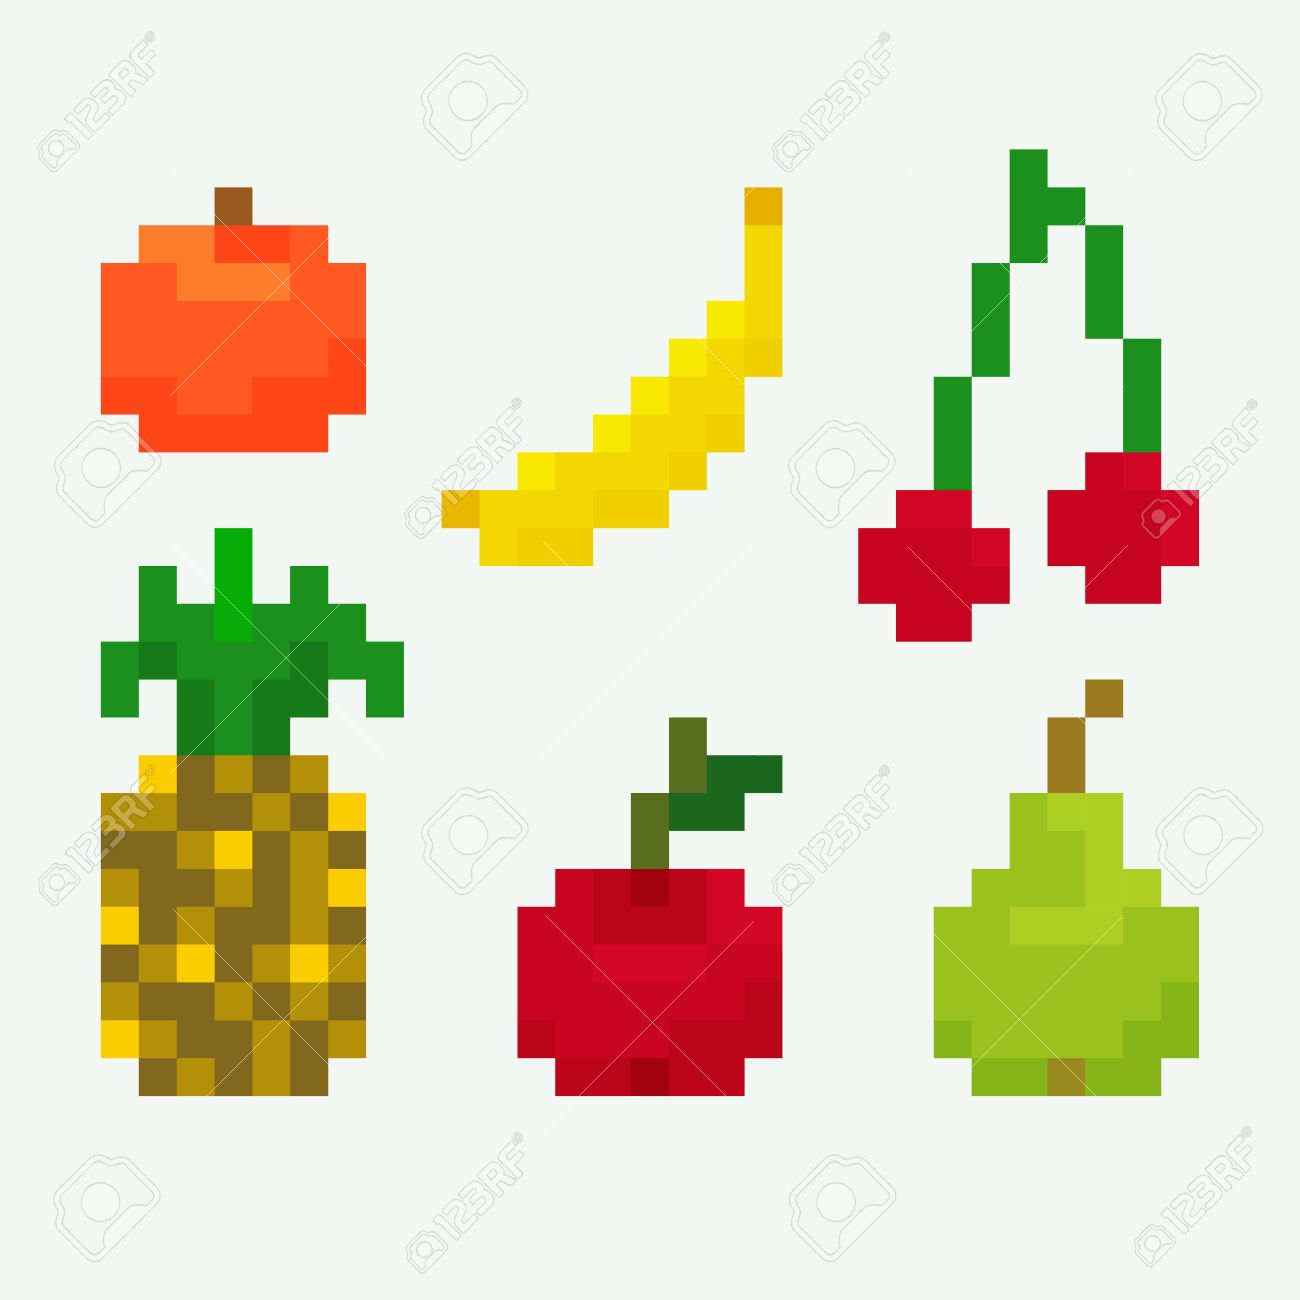 Ensemble De Pixels Art Des Icônes Pour Les Fruits Orange Banane Cerise Ananas Pomme Poire Illustration Vectorielle